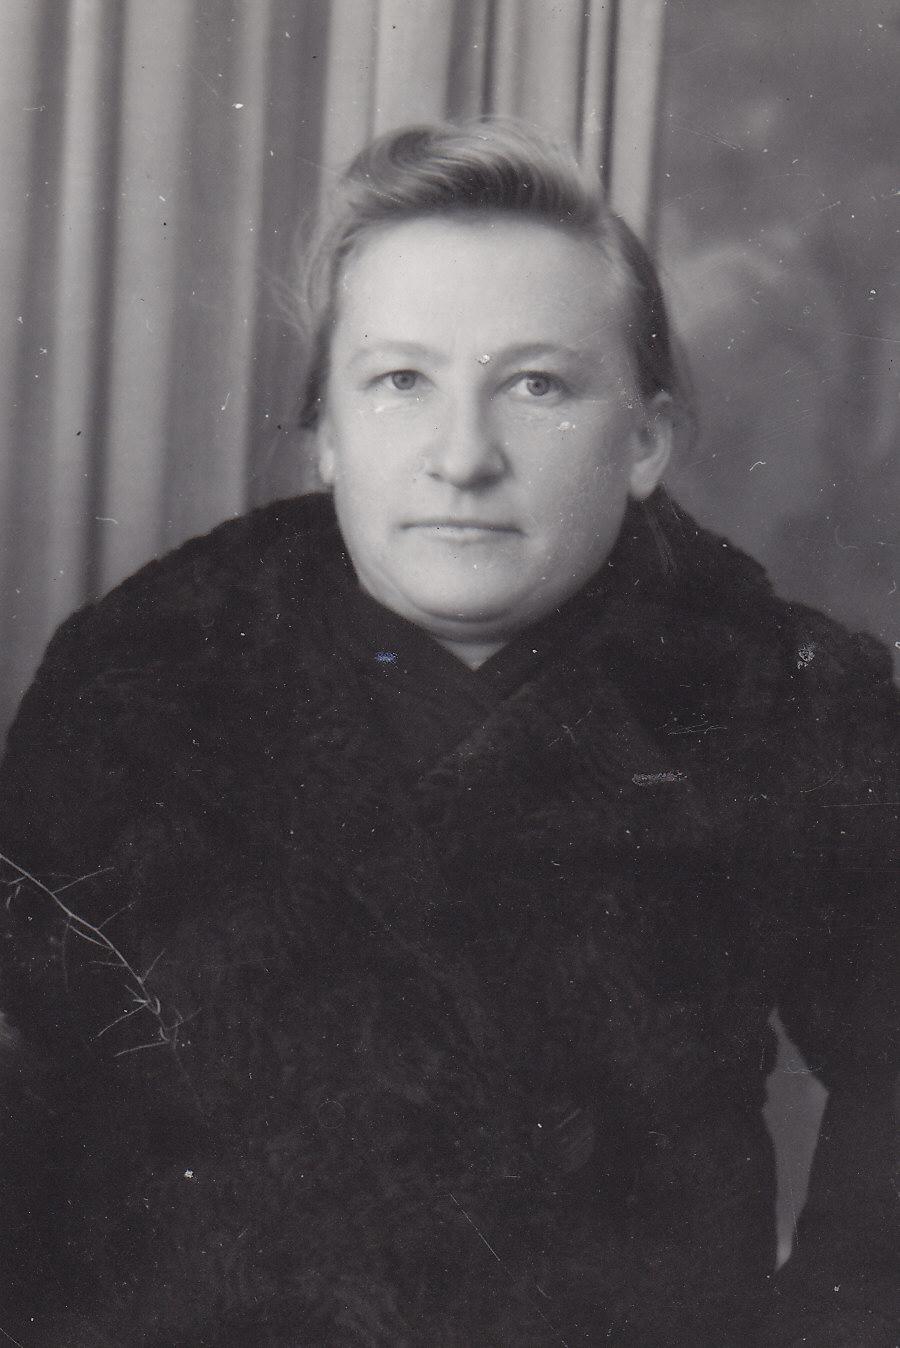 Profesoriaus, agronomo Petro Vasinausko sesuo Apolonija Vasinauskaitė. 1941 m.